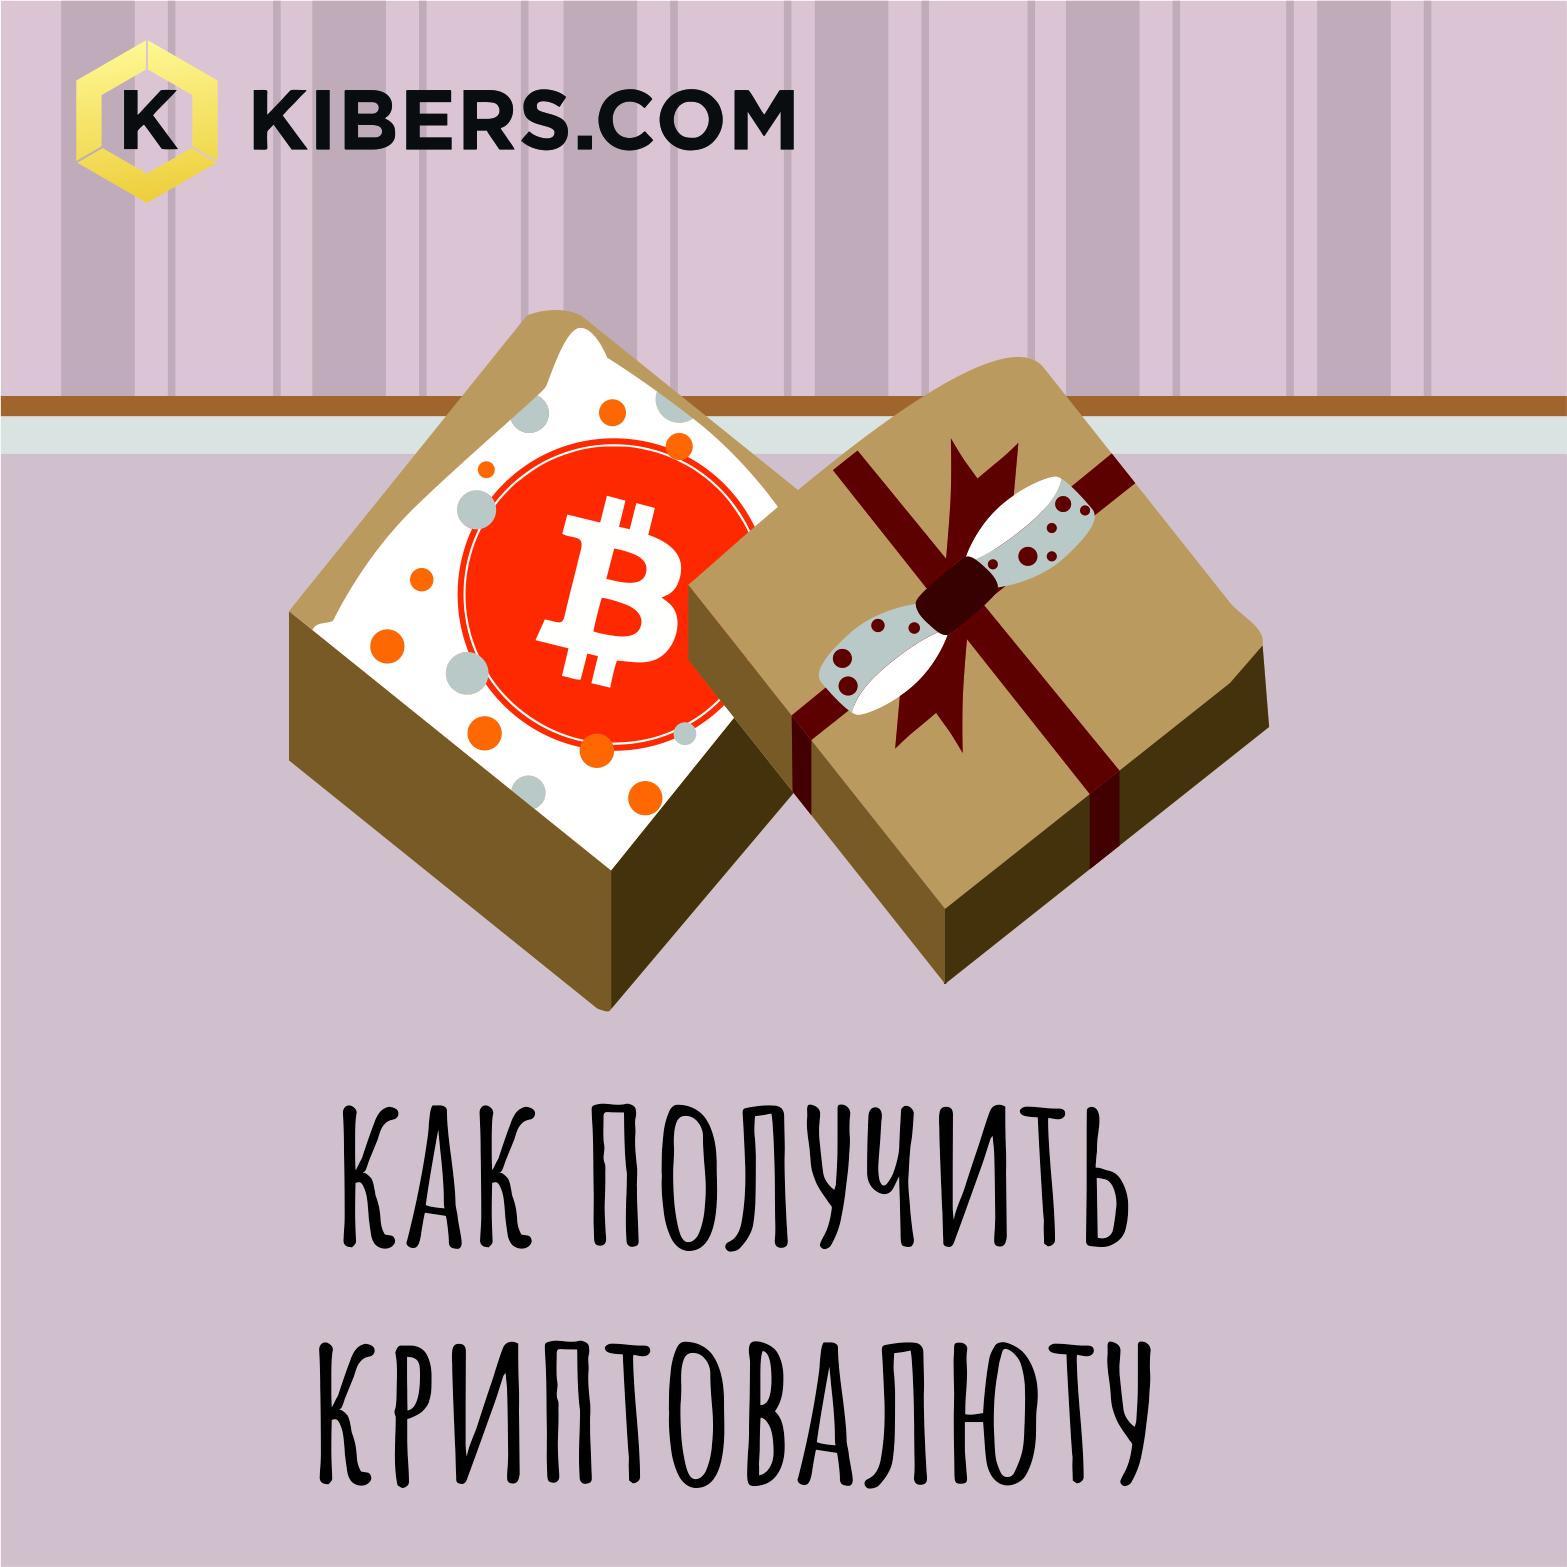 Как получить криптовалюту?